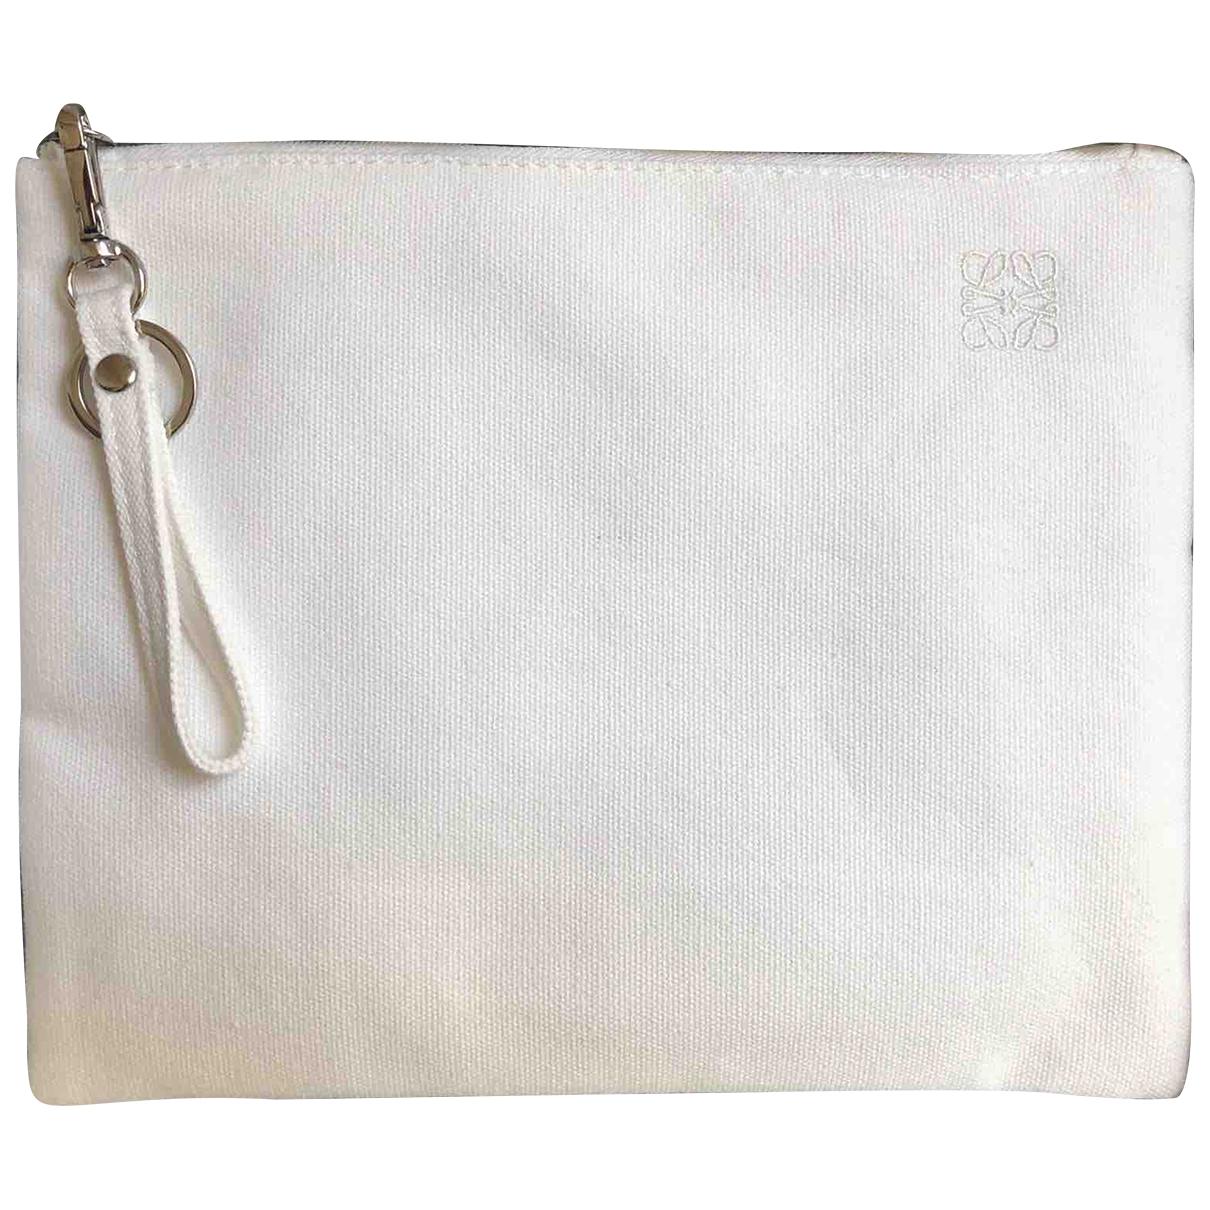 Loewe - Sac de voyage   pour femme en coton - blanc